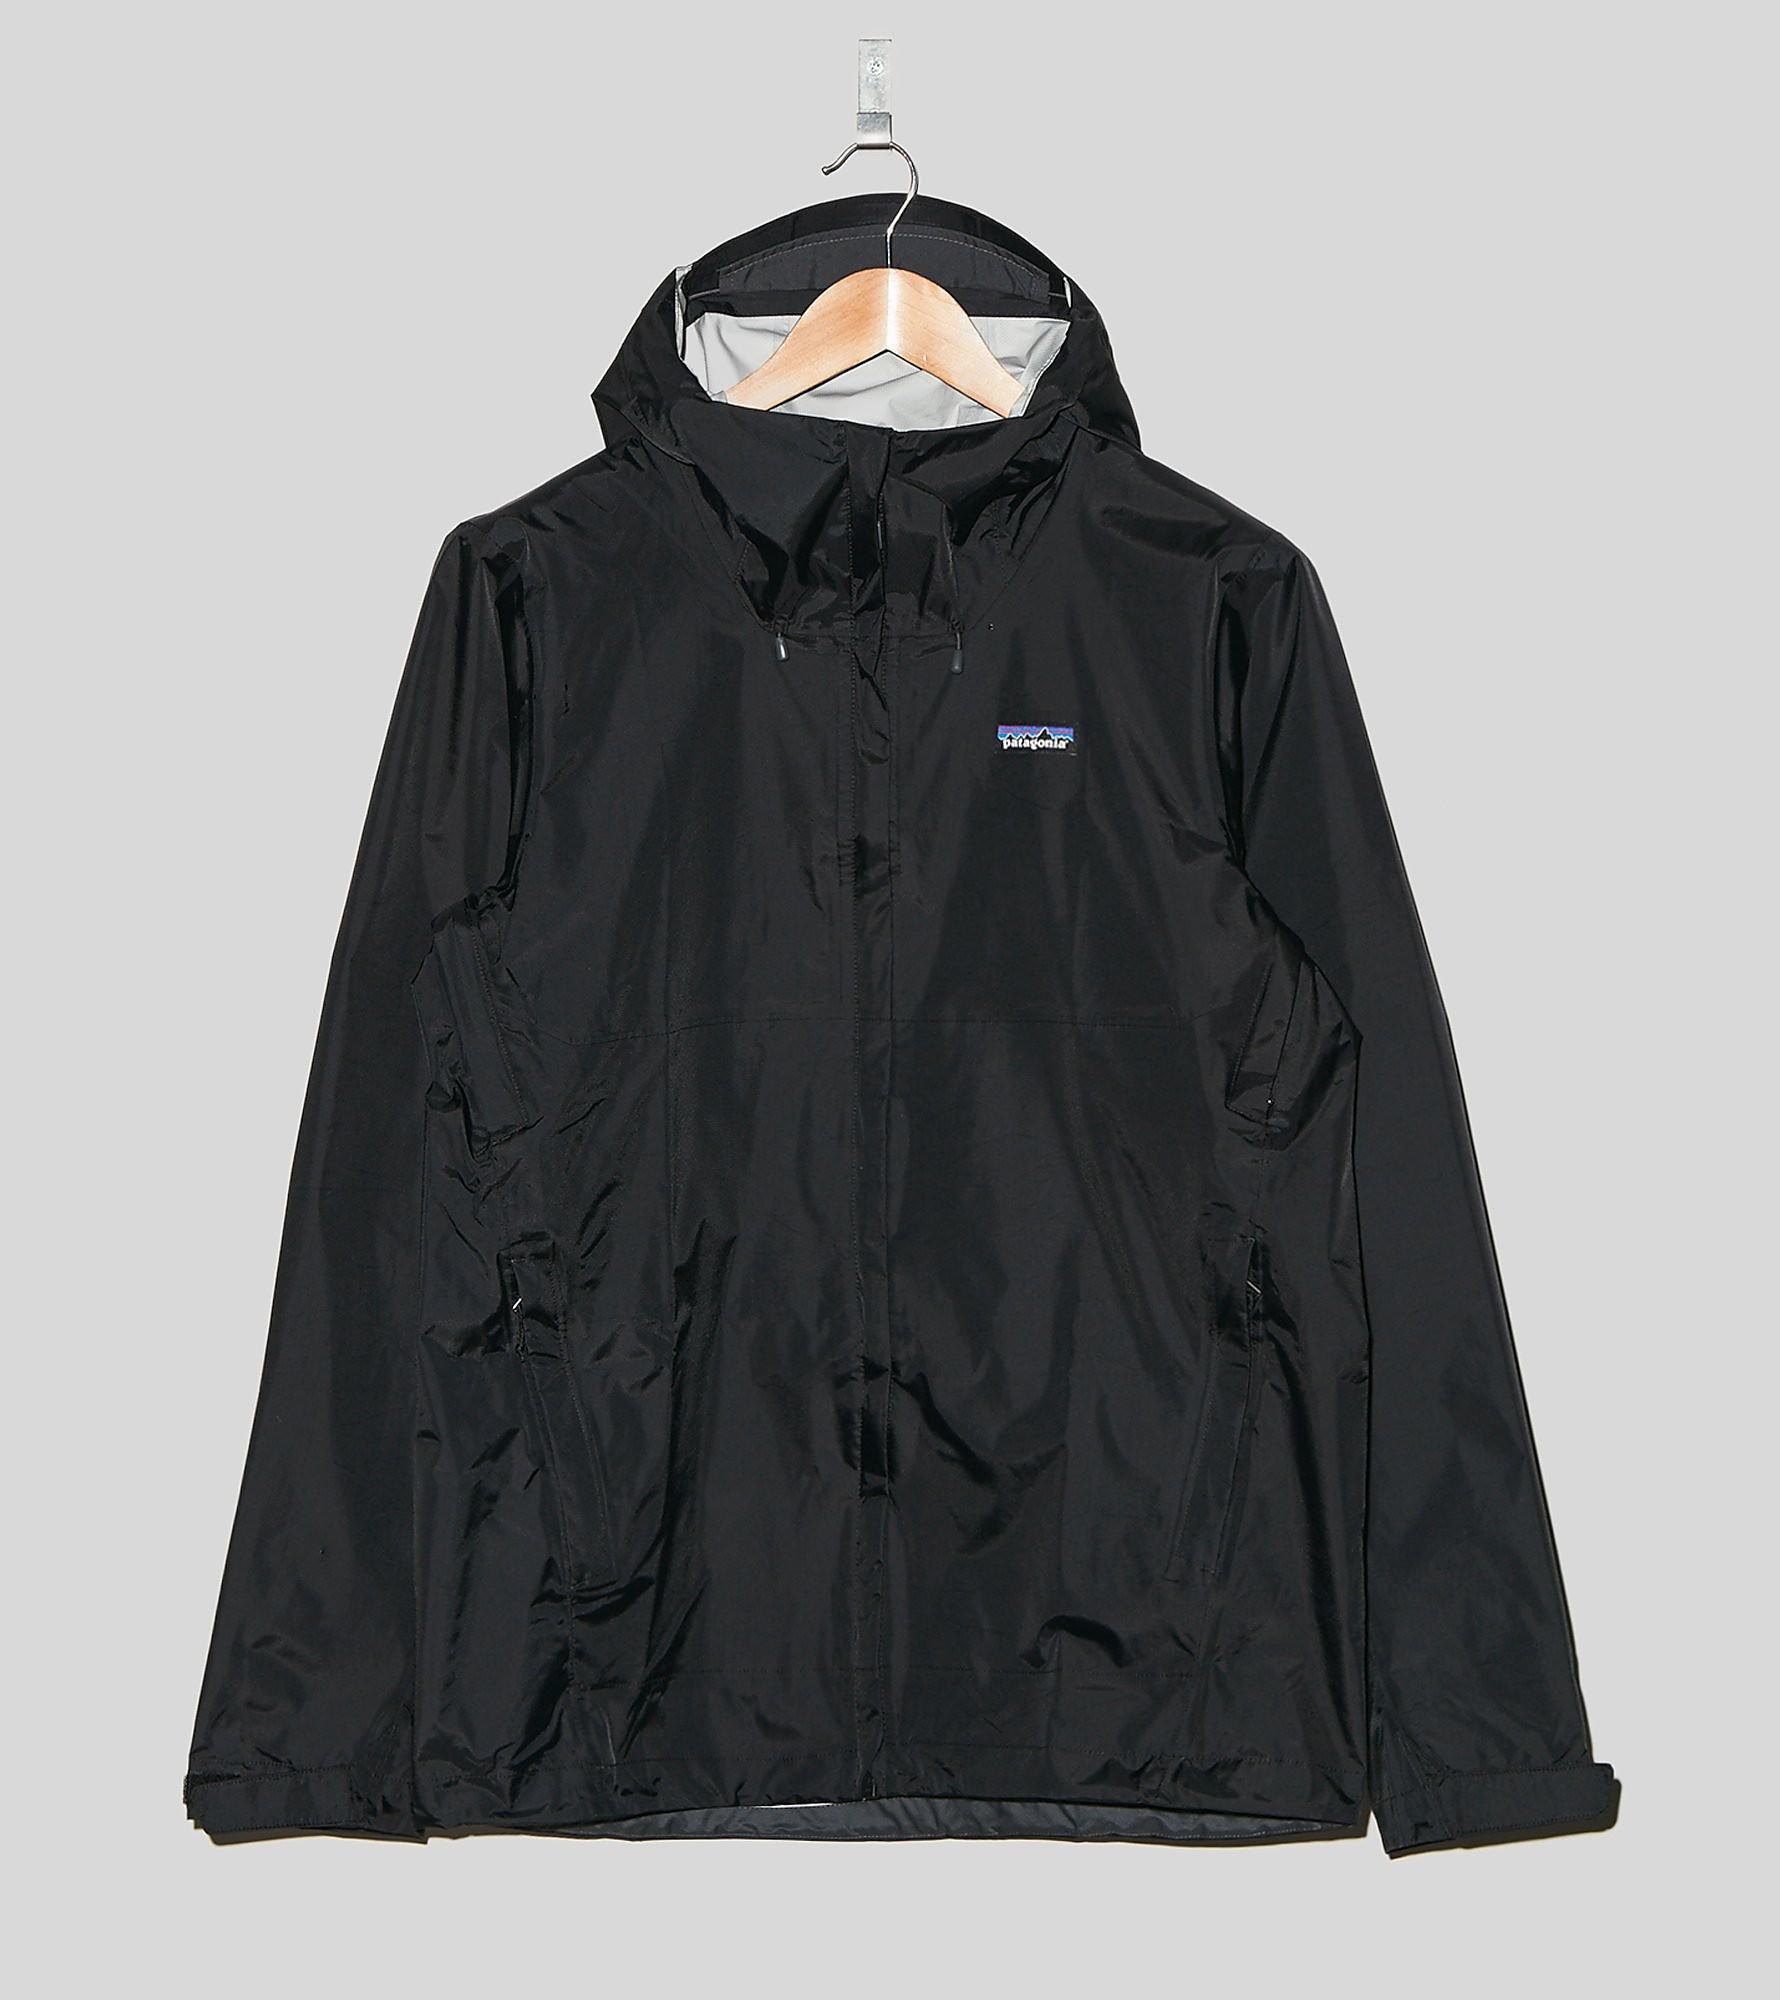 Patagonia Torrentshell Hooded Jacket